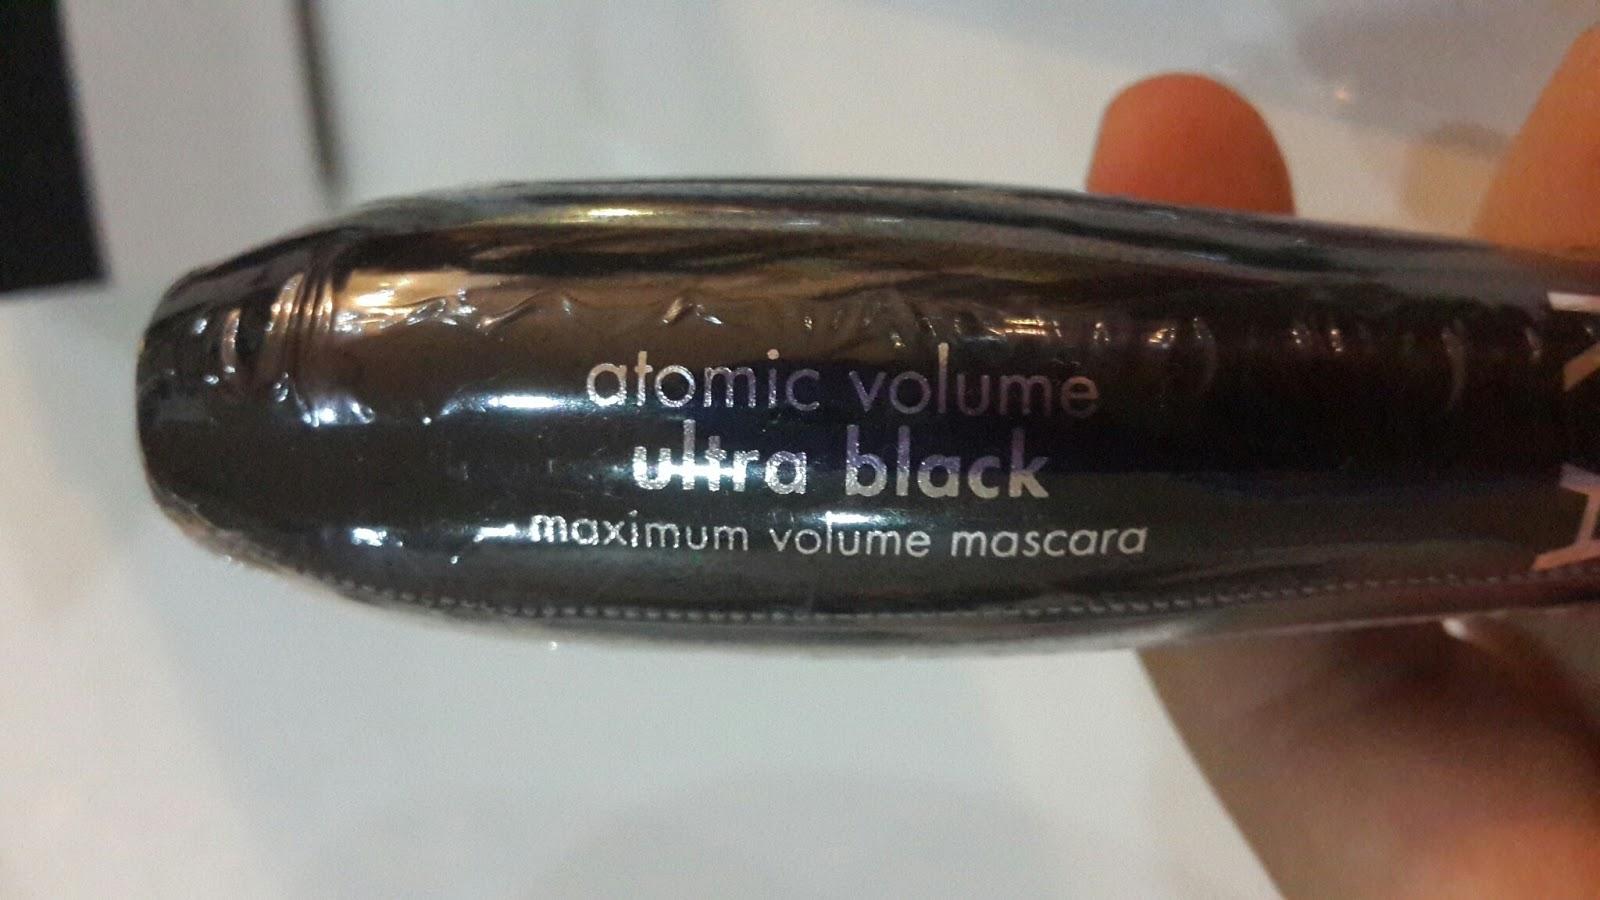 Sephora Indiriminden Neler Aldim? Mascara